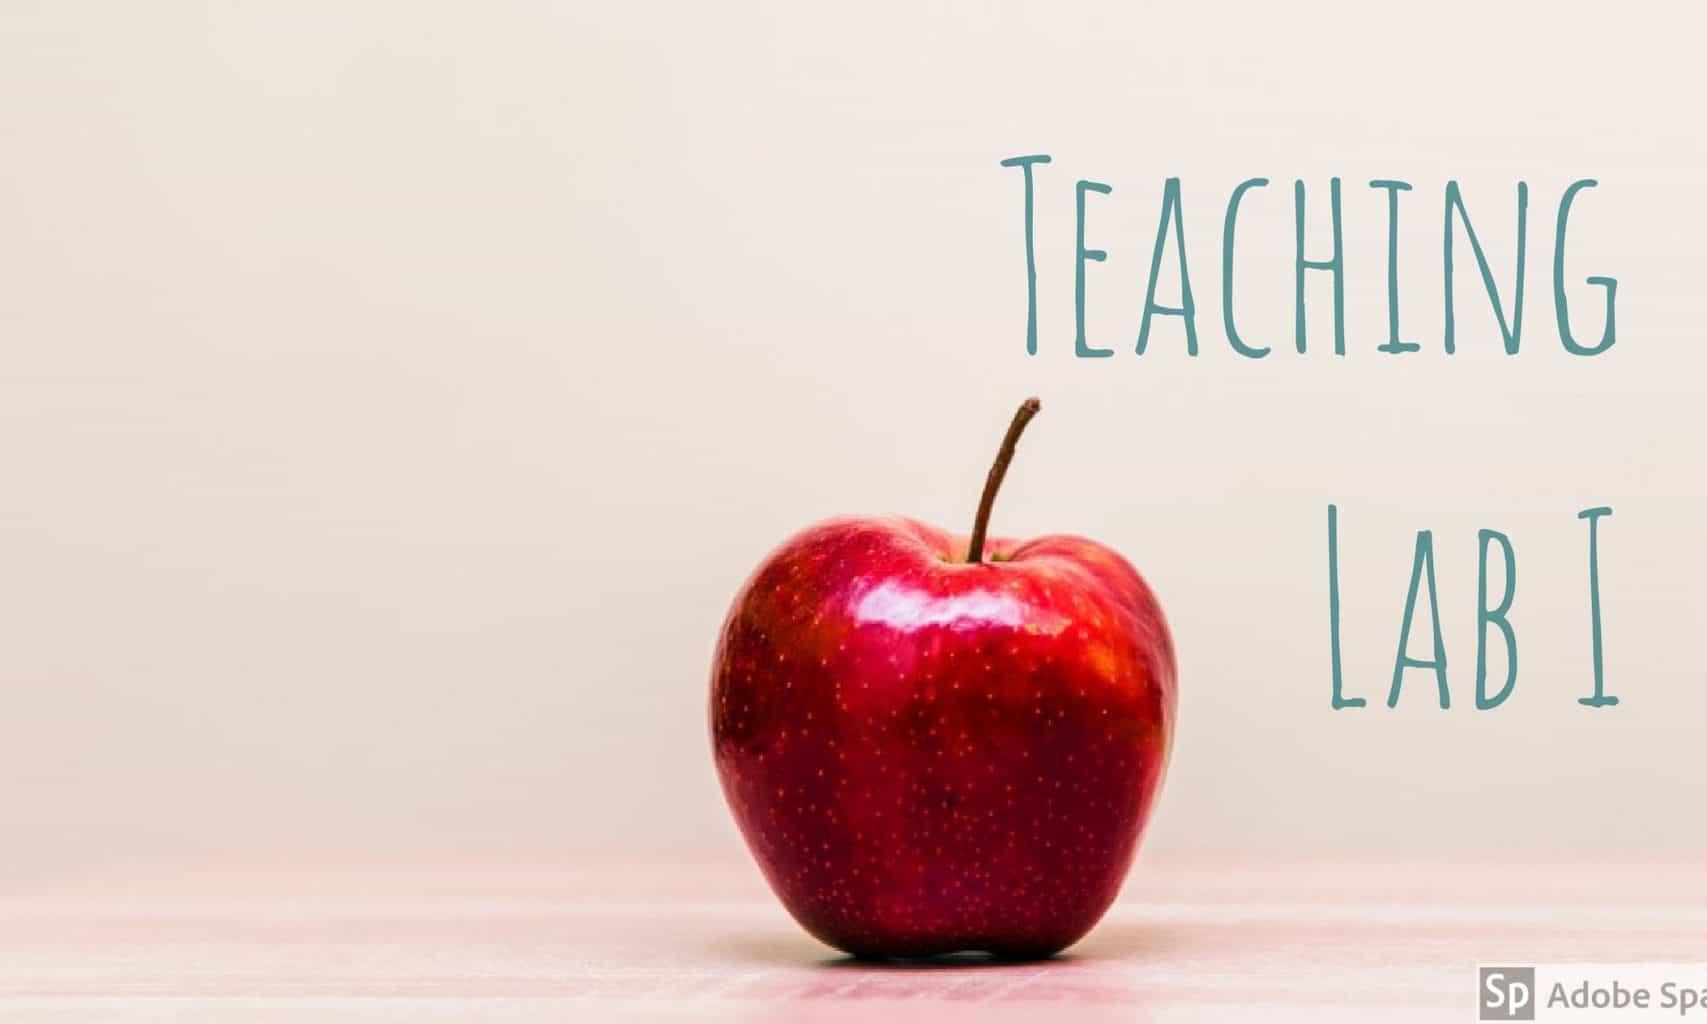 Teaching Lab I